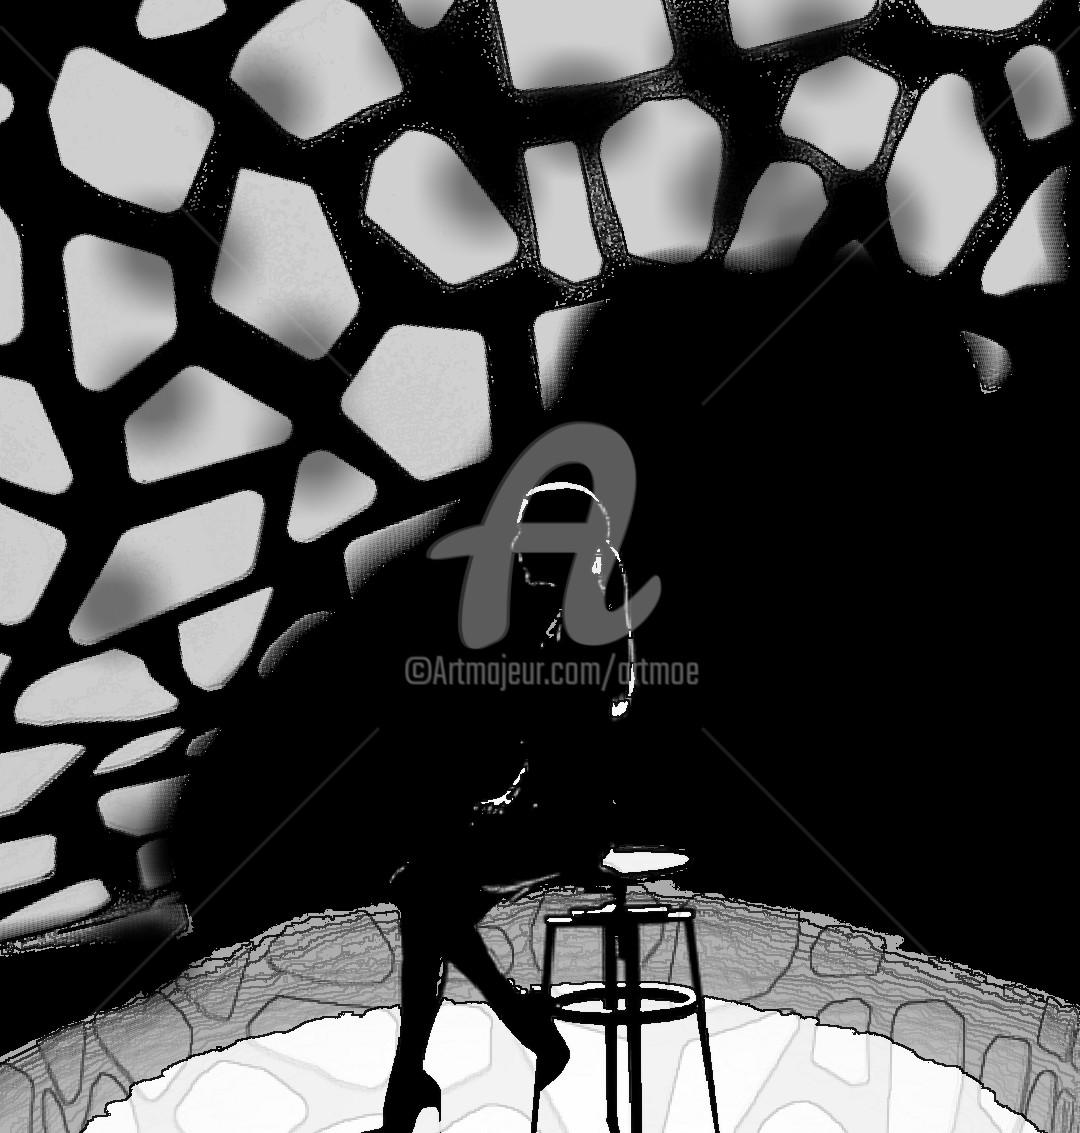 Art Moé - Alone II